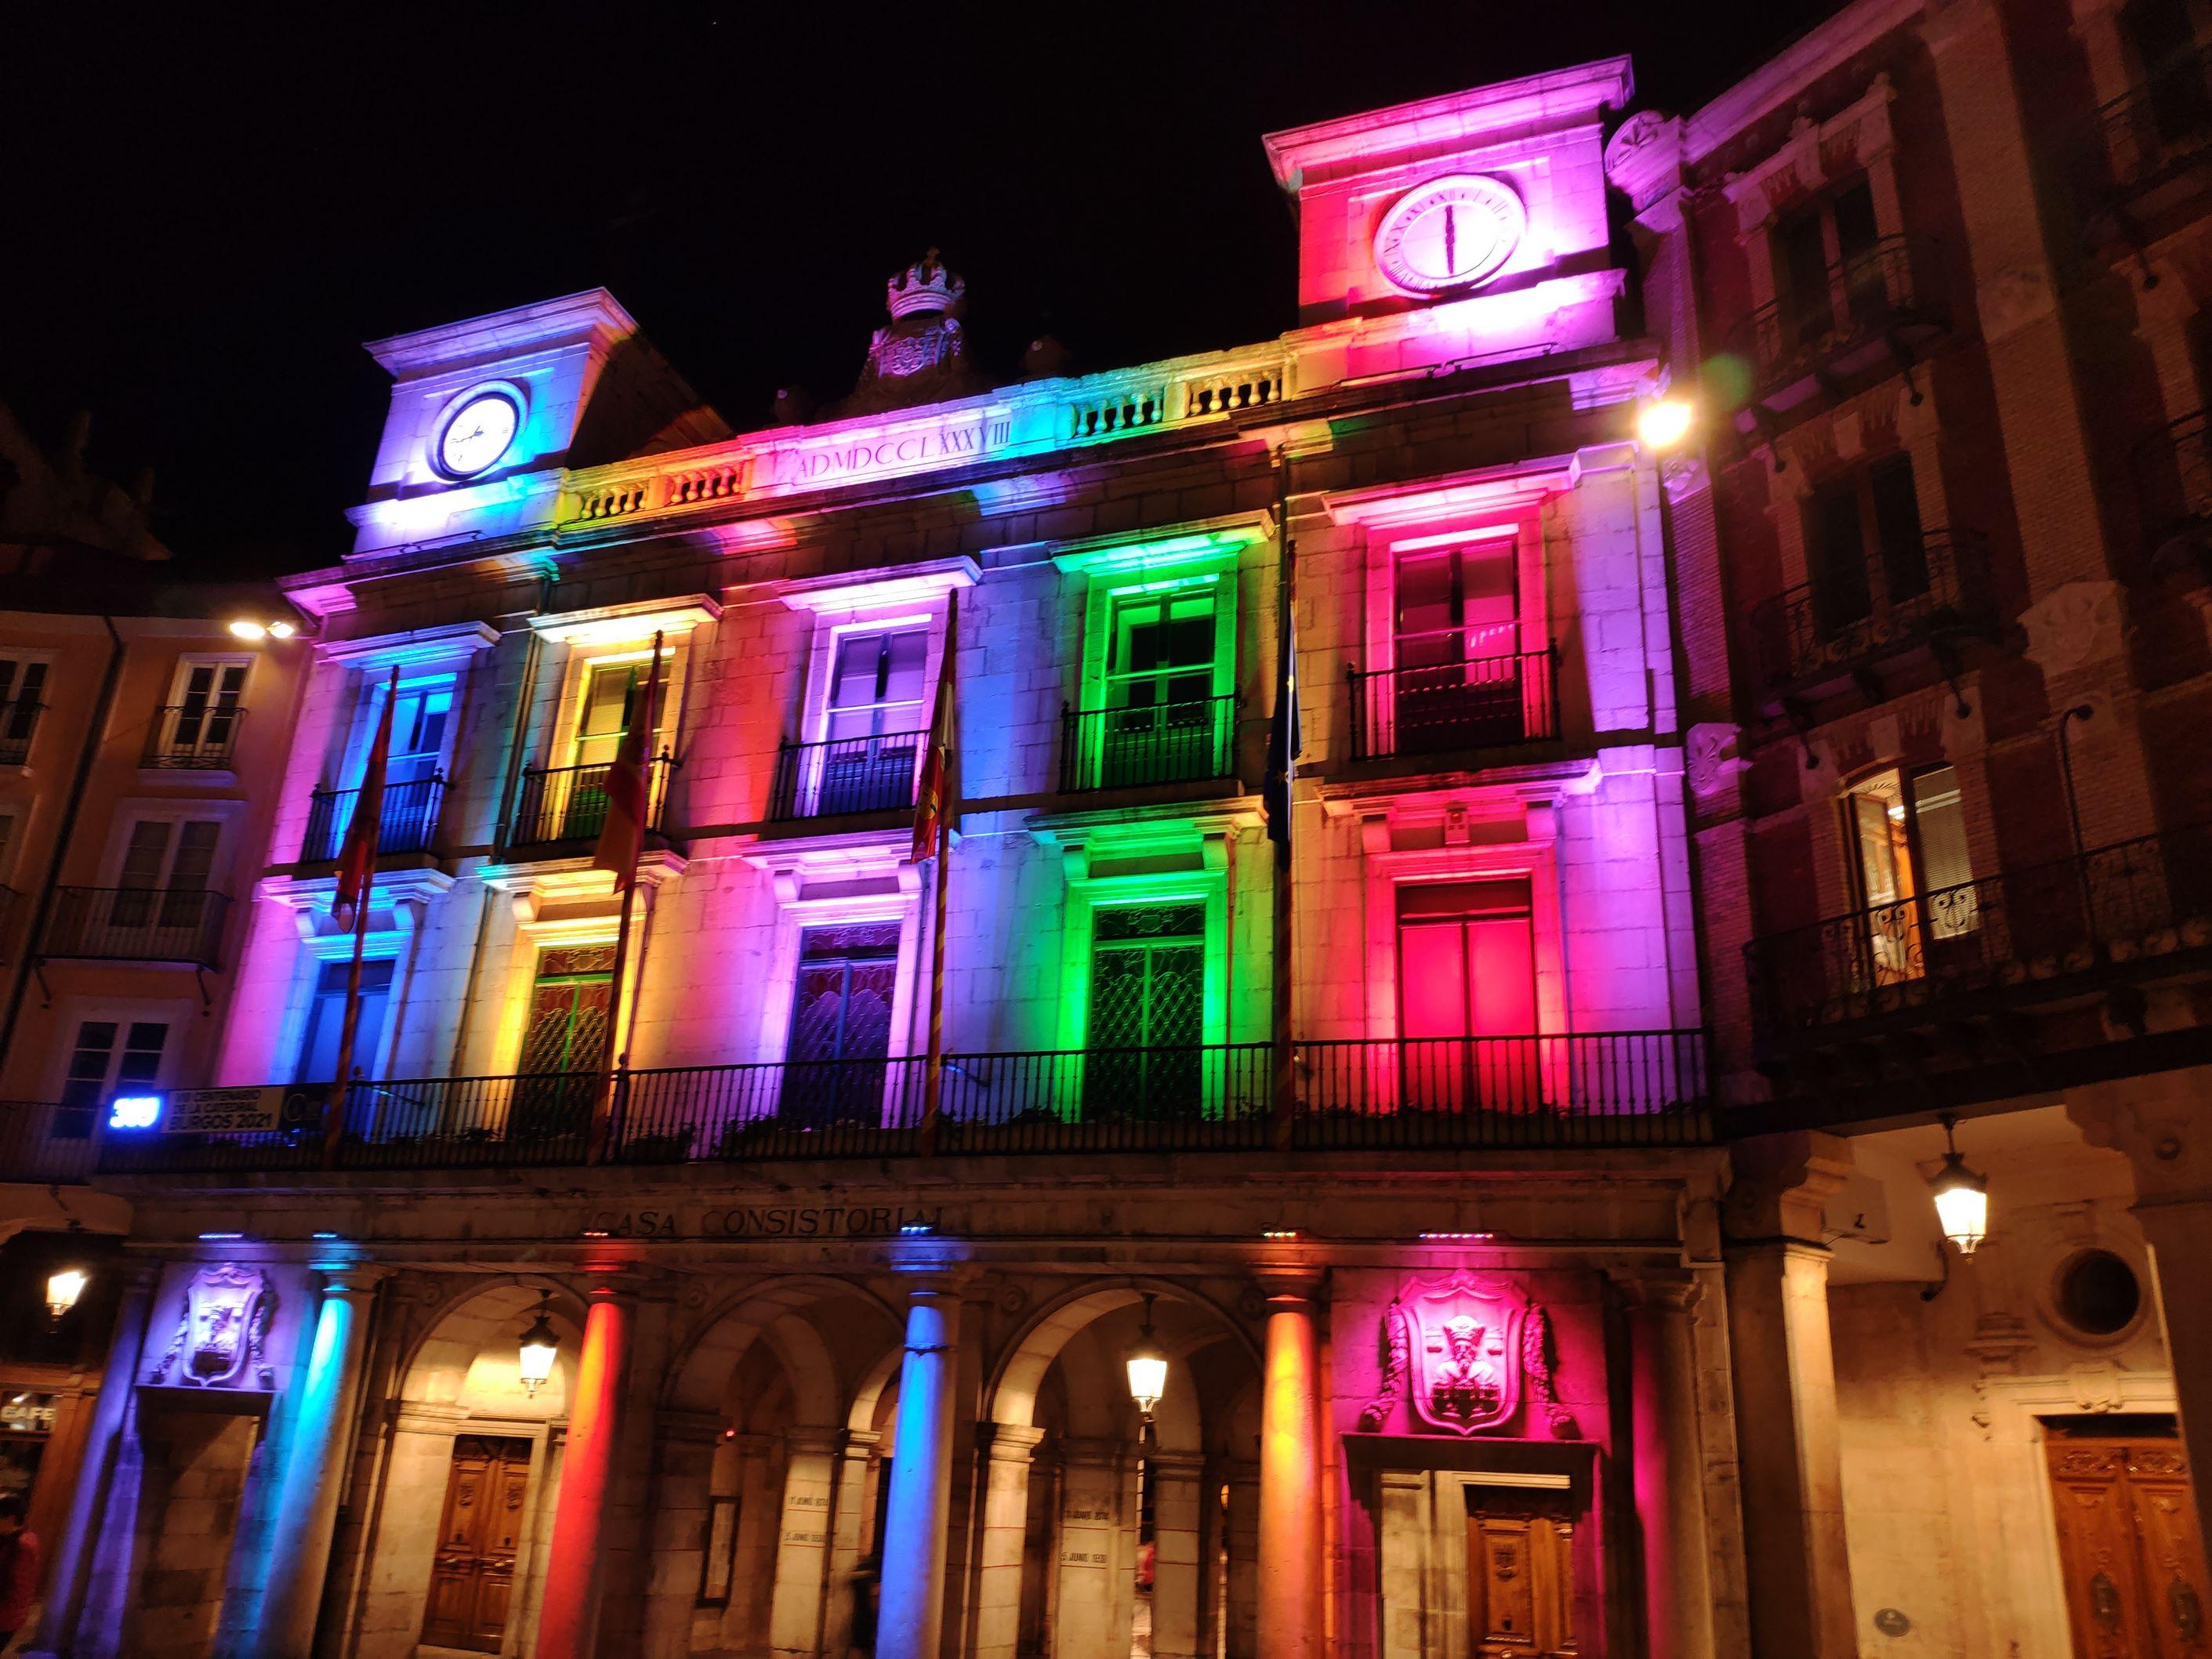 Fachada del Ayuntamiento del Burgos, Burgos